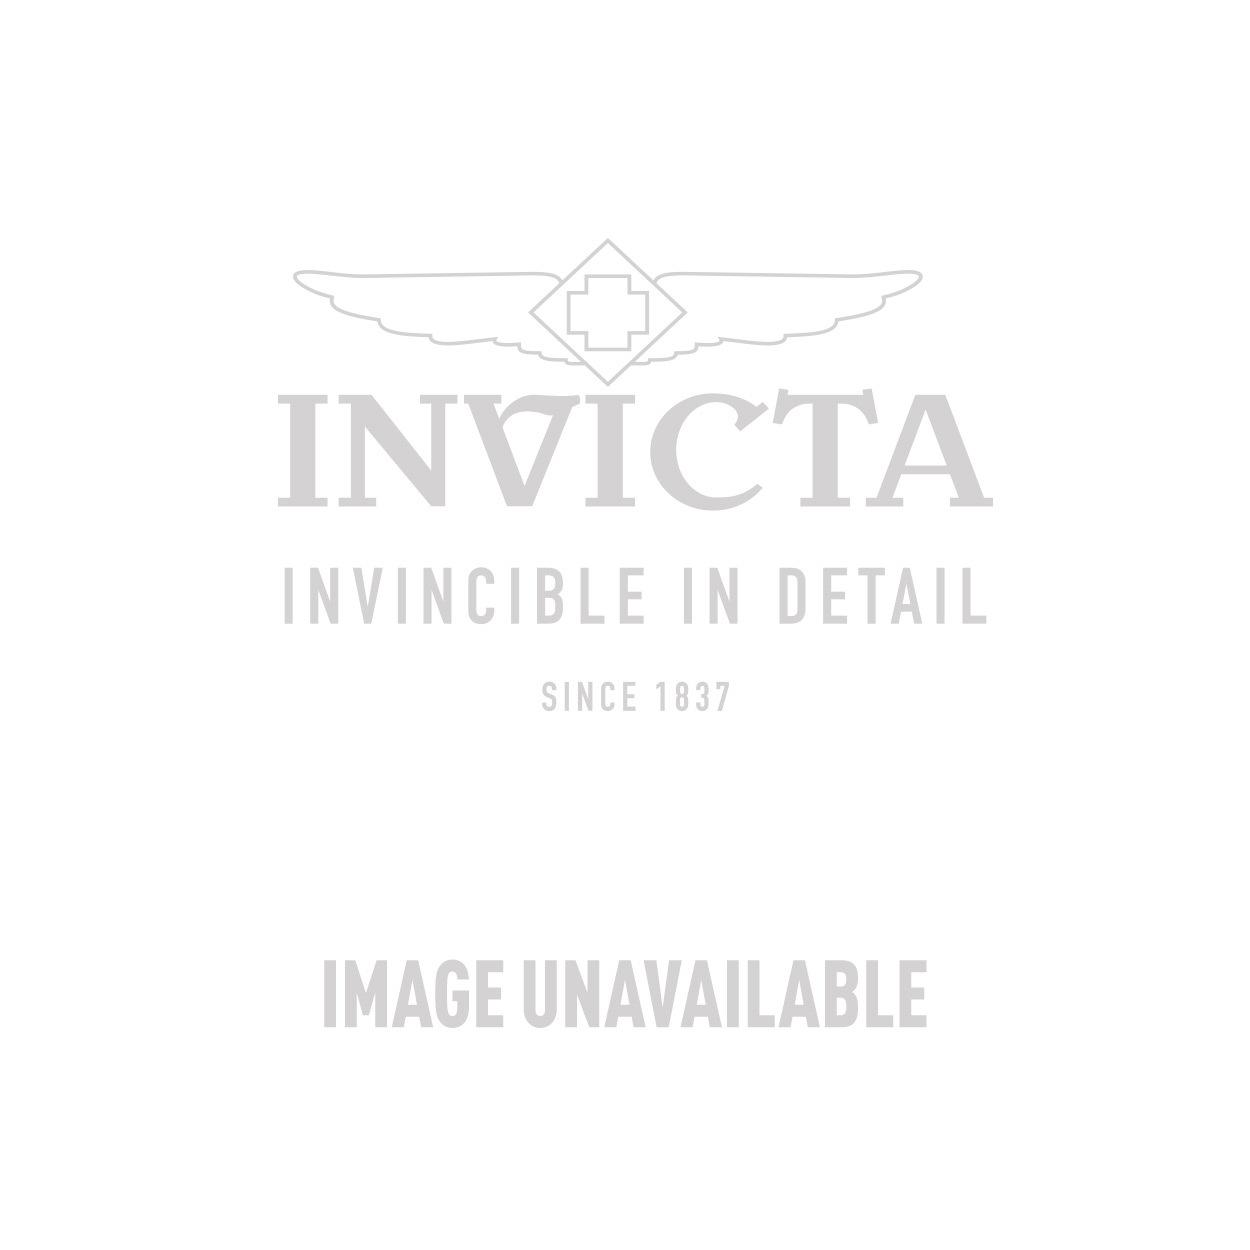 Invicta Model 24641